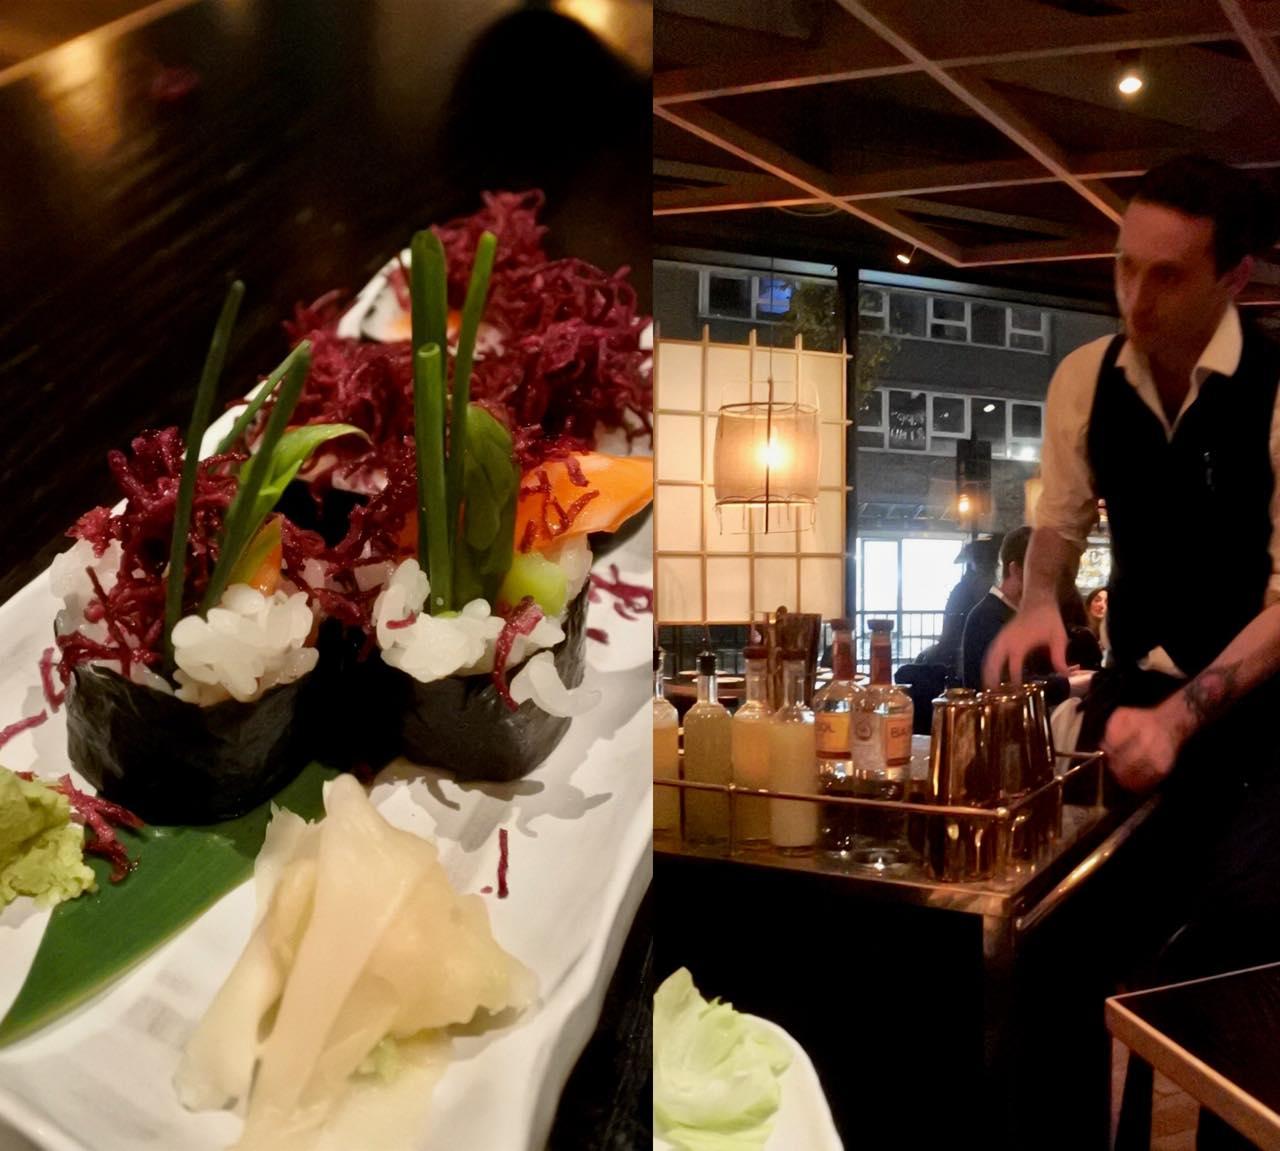 左は野菜巻き。ここの巻き寿司は日本のものとは全く違うフュージョン巻きですが、私は結構好きです ^^  右はカクテルを作ってくれるお兄さんのフロア・サービス。高級ホテルのようなサービスはエンターテインメント性が強いですね。